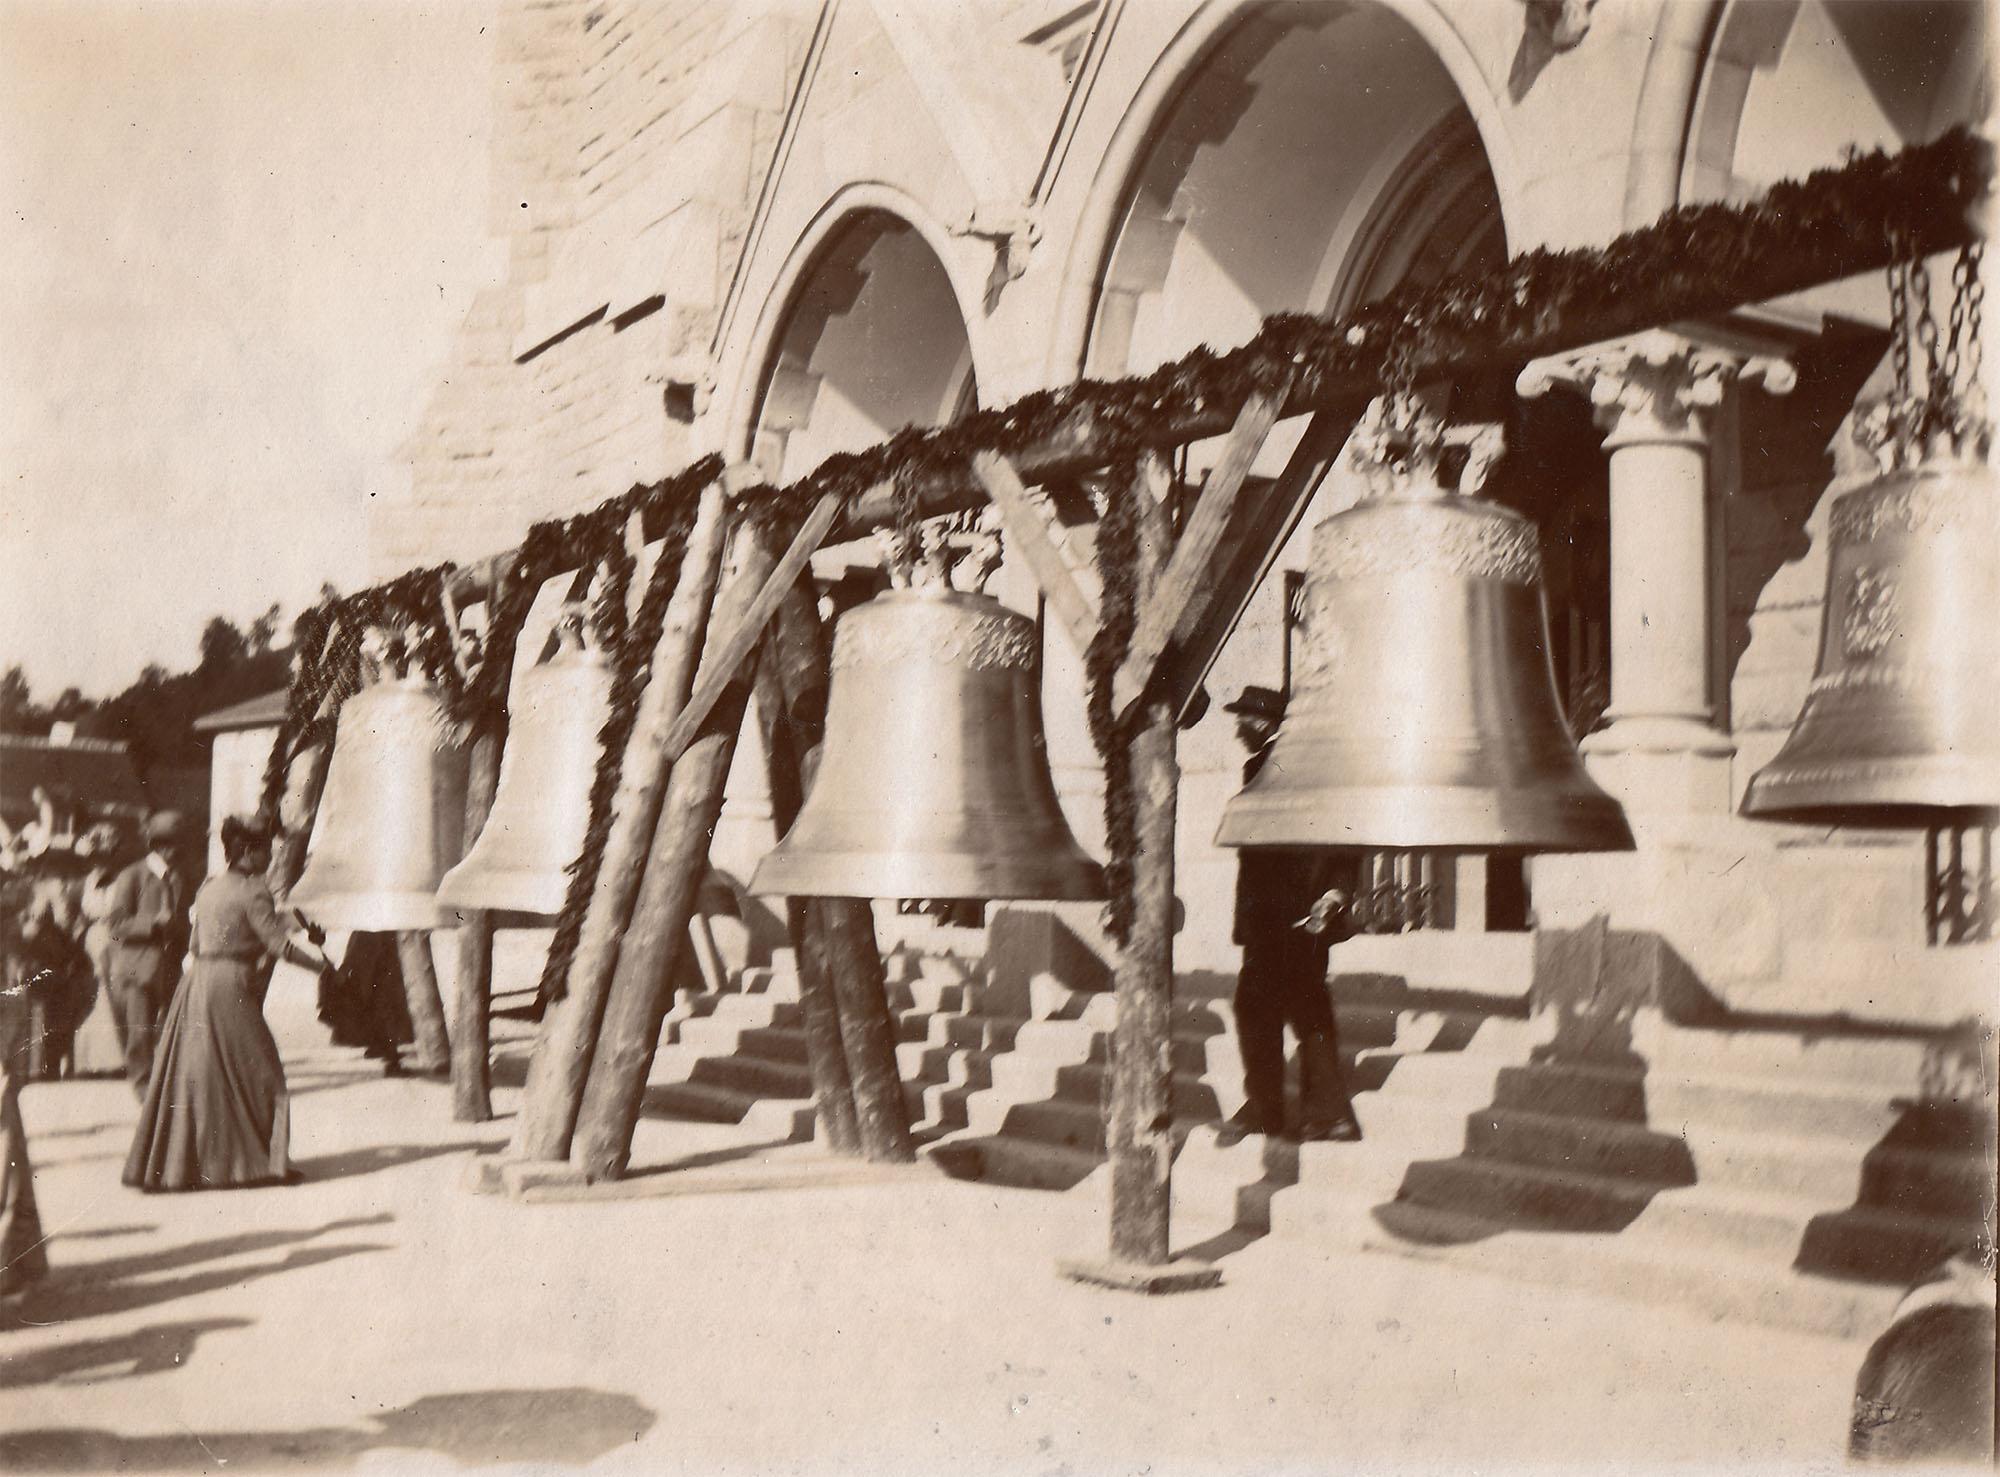 Glockenweihe der neuen Kirche St. Michael